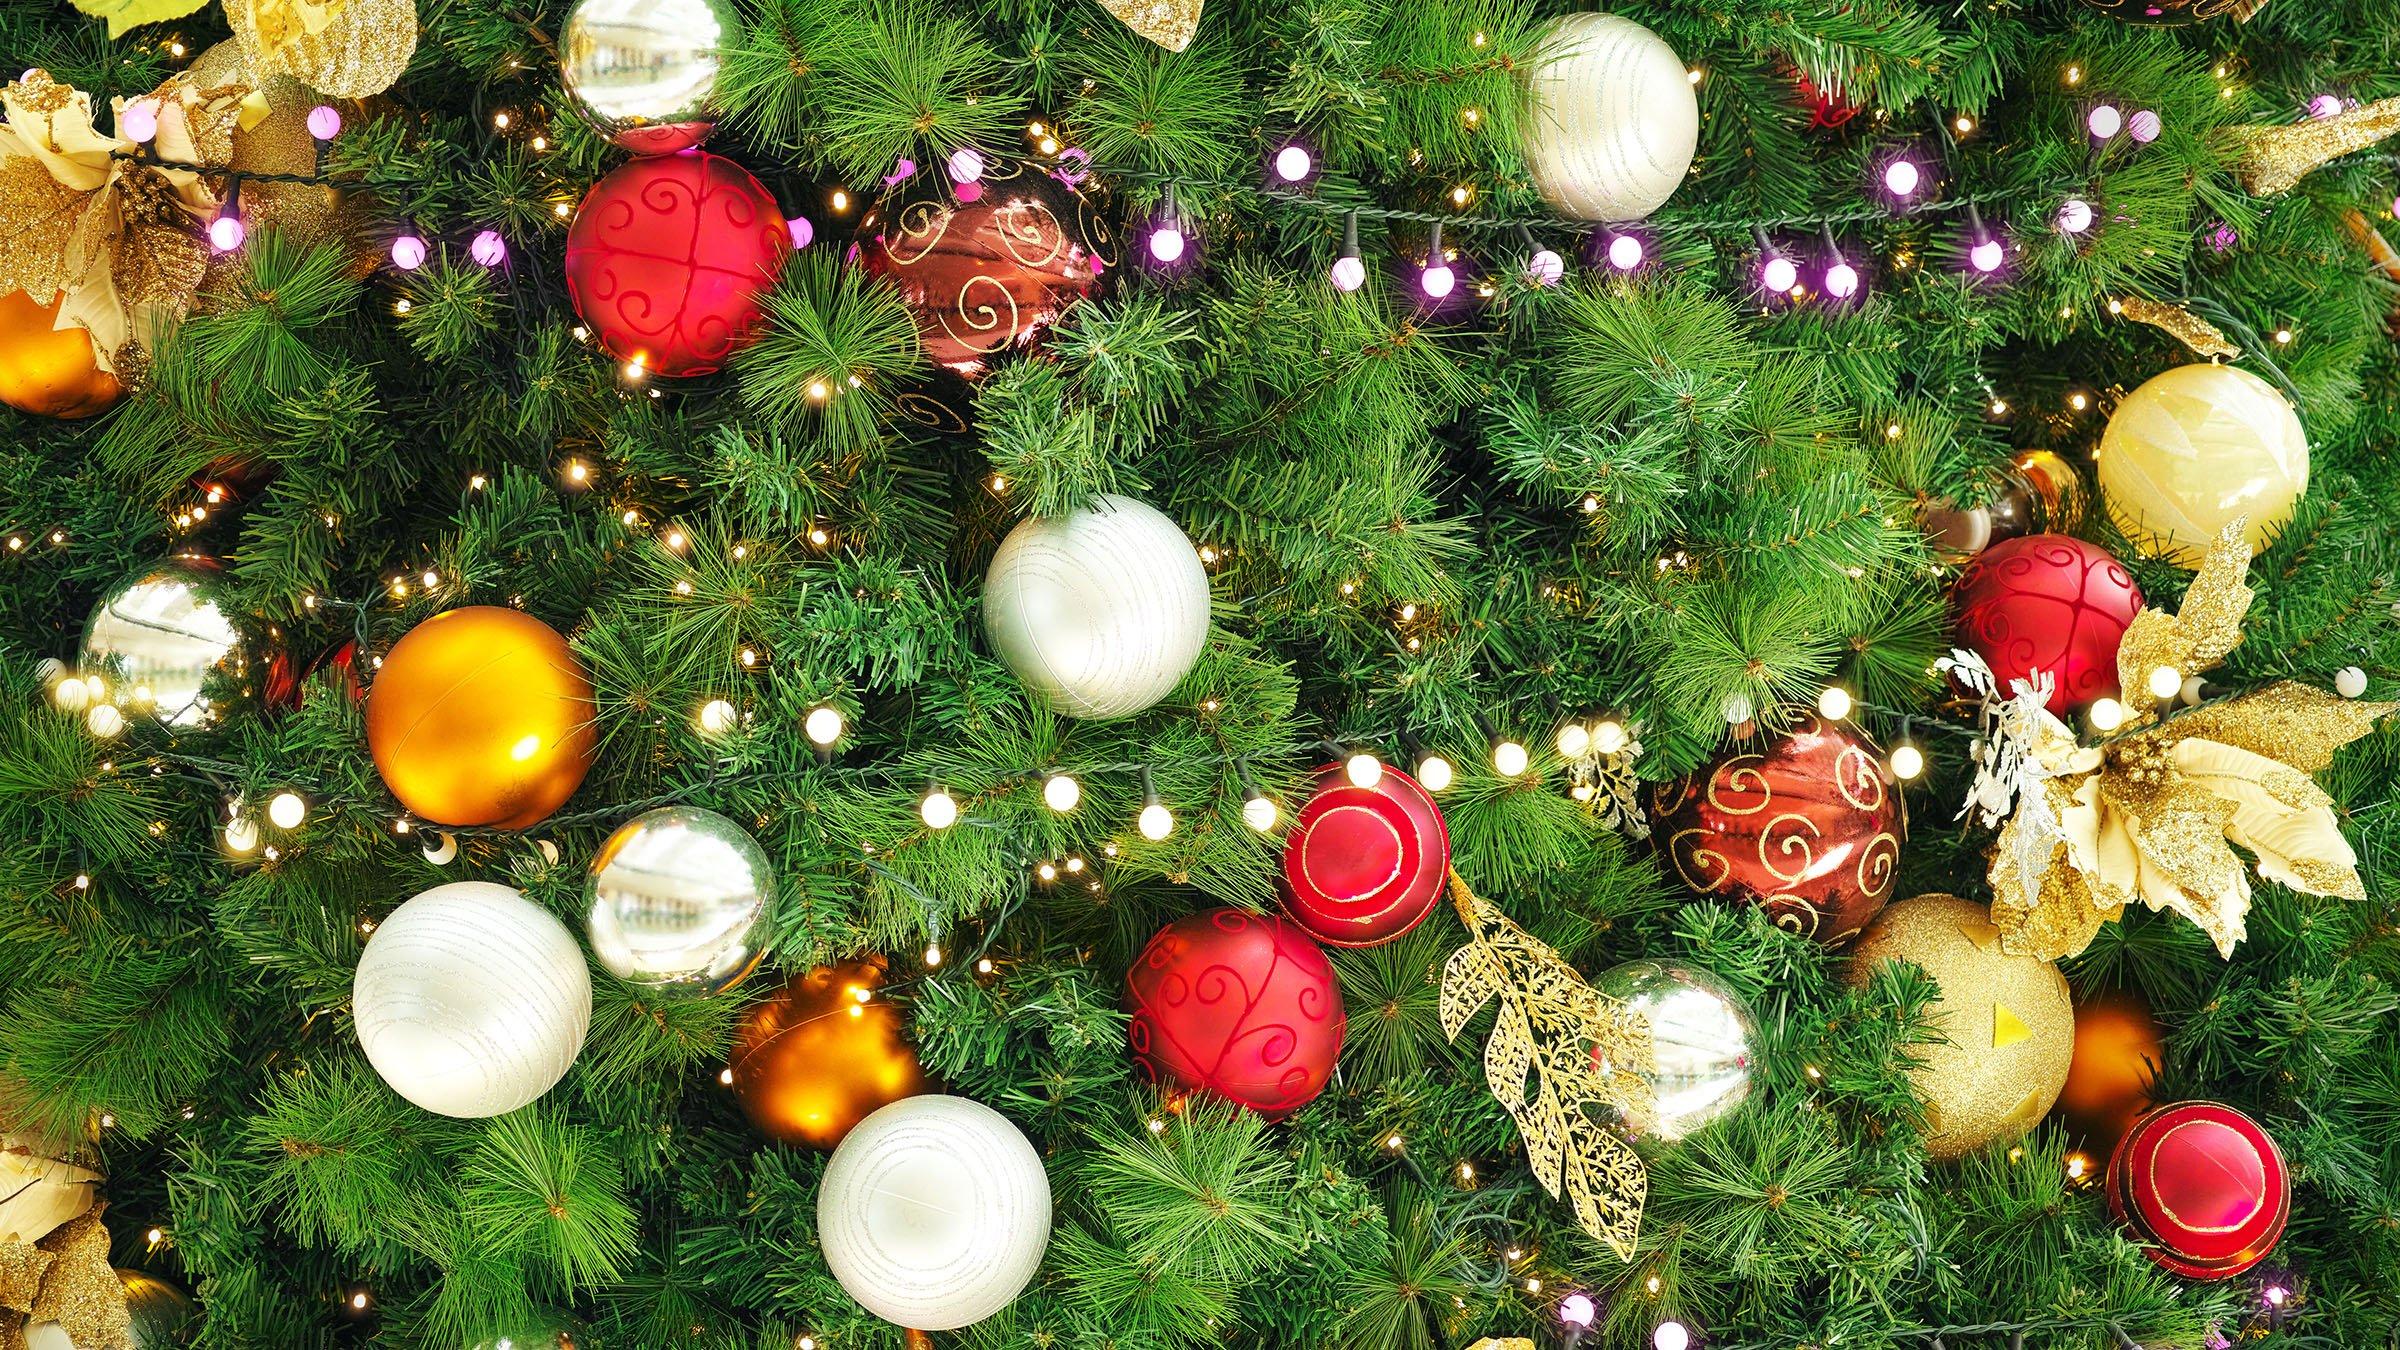 El rbol de navidad un elemento b sico de esta fiesta - O arbol de navidad ...